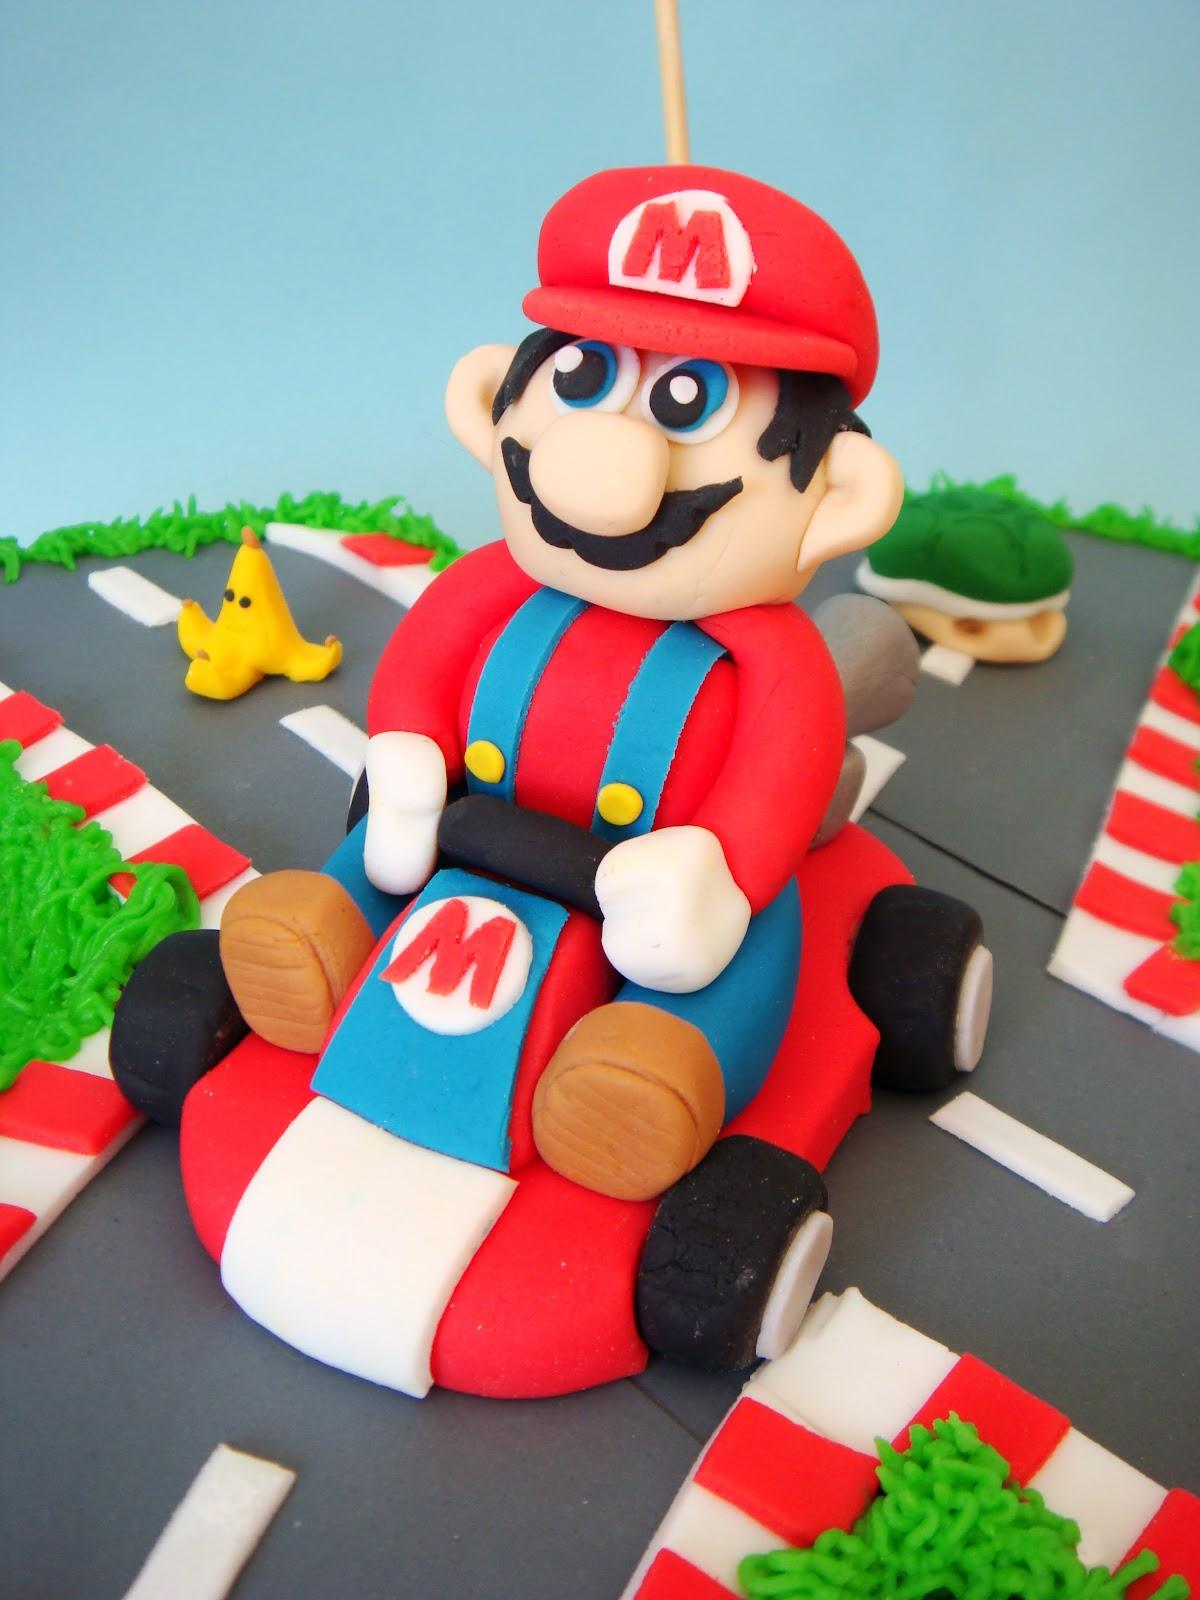 Sorry Mario Kart Cake